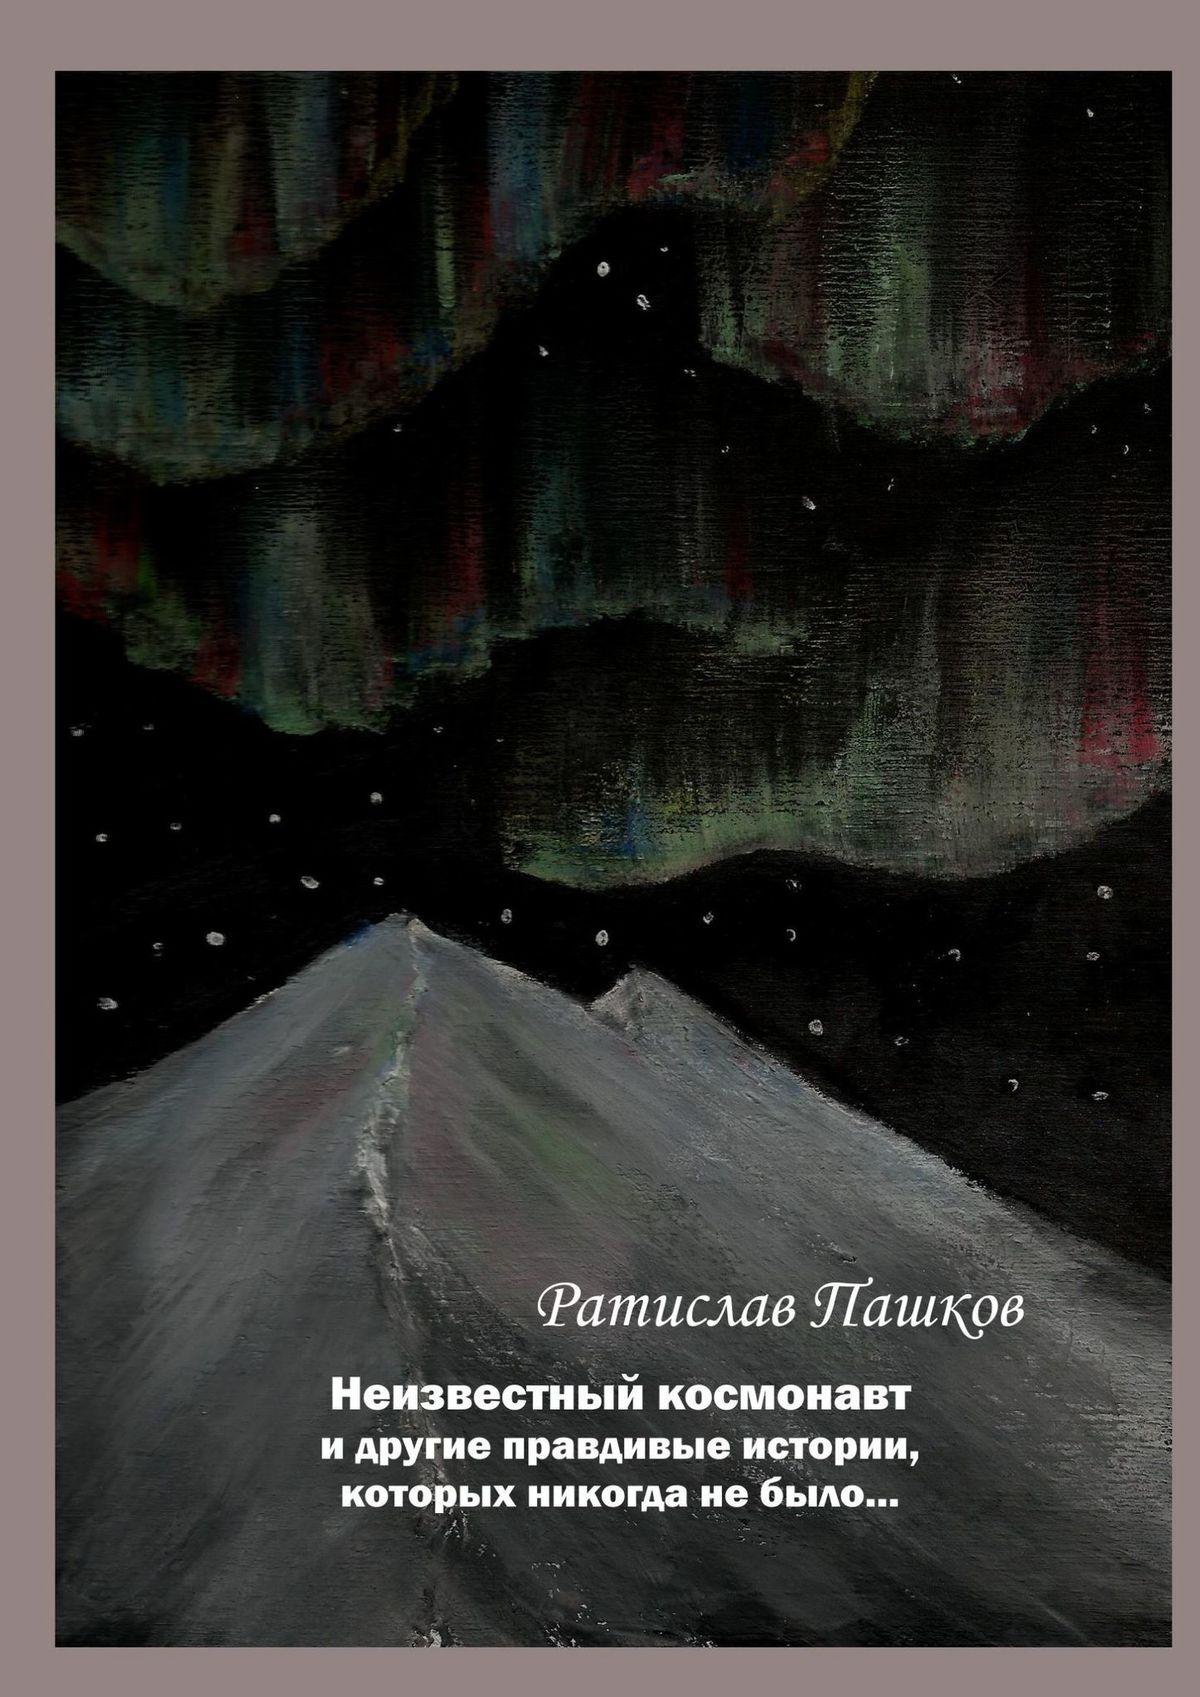 Ратислав Пашков - Неизвестный космонавт идругие правдивые истории, которых никогда небыло… Повести и рассказы